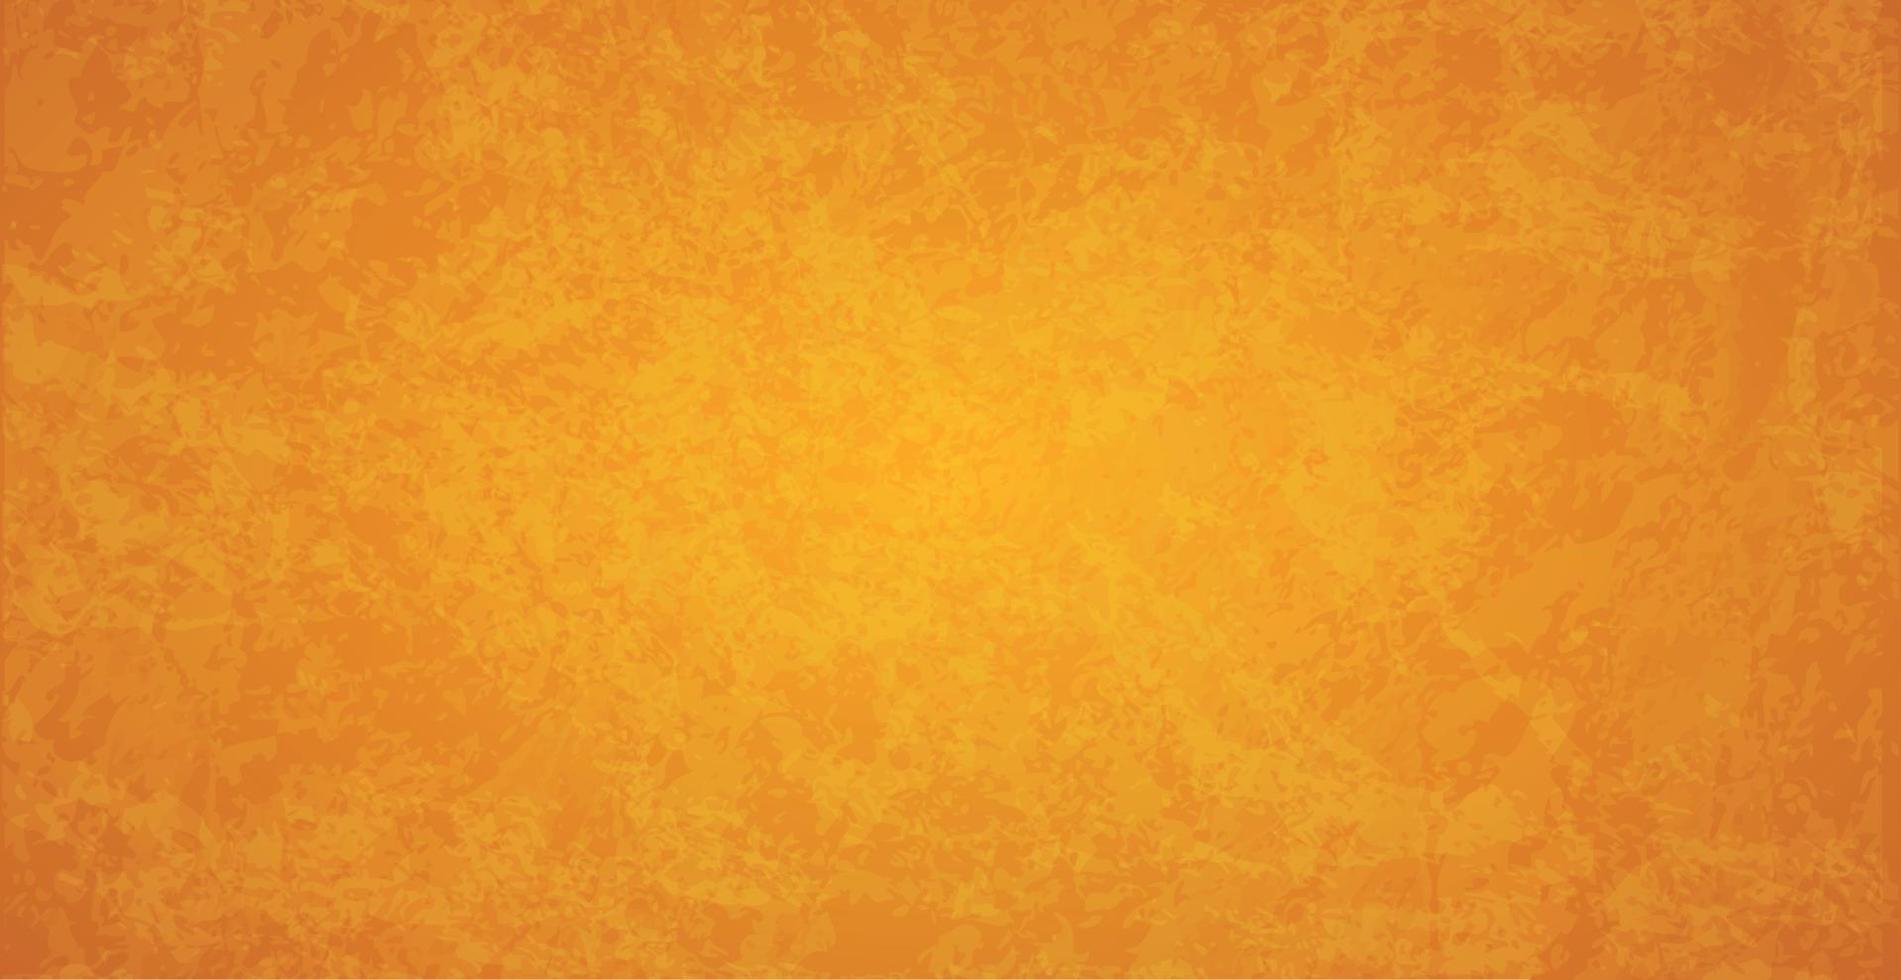 orange abstrakter strukturierter grunge Webhintergrund - Vektor